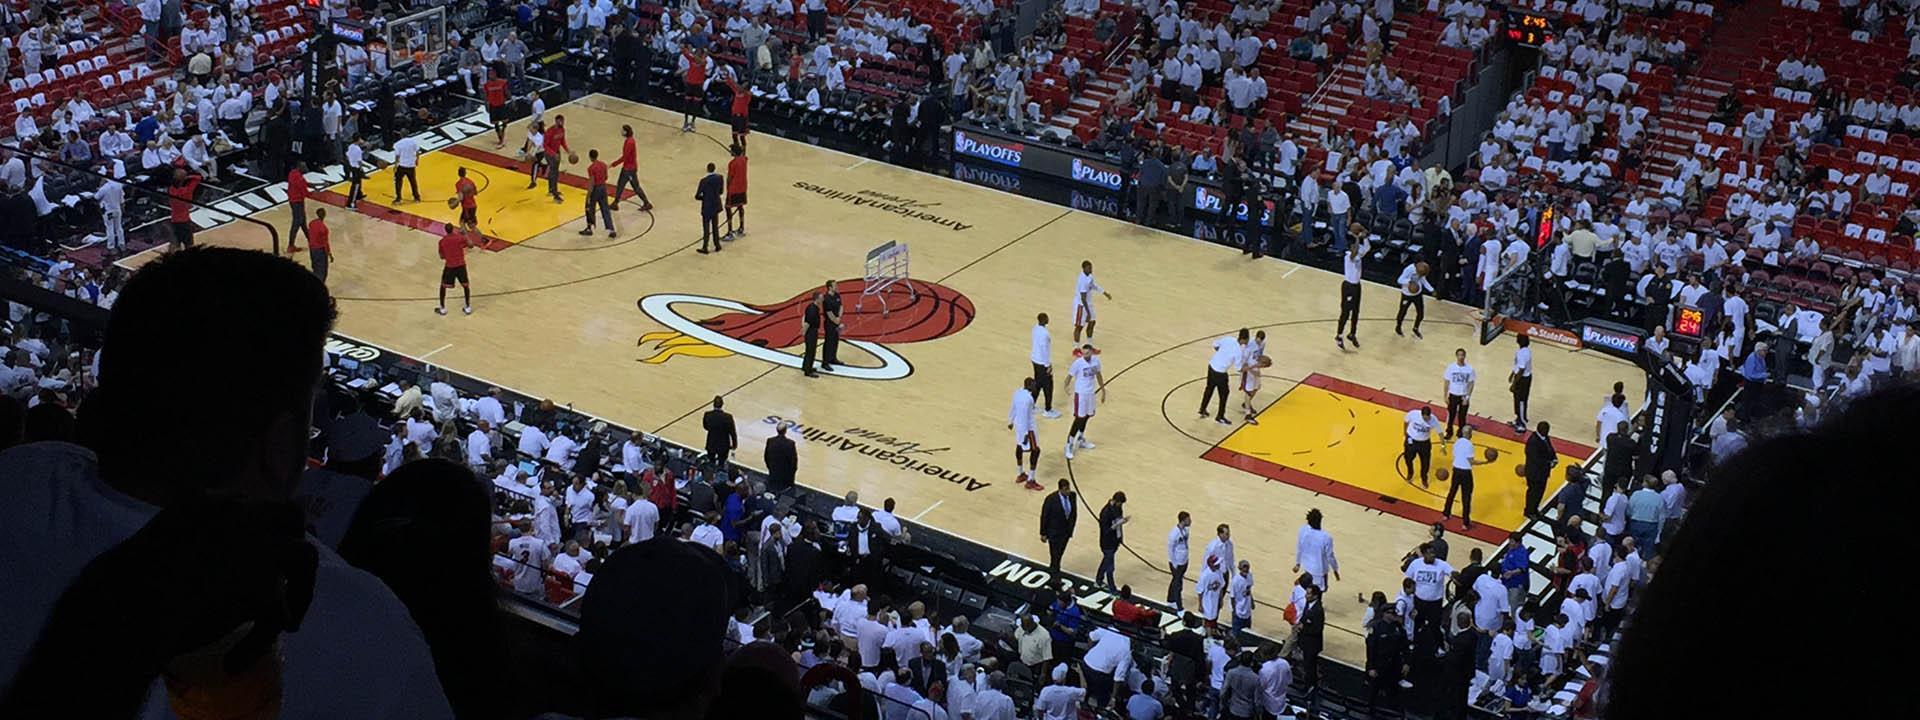 Jogos Da Nfl Em Miami 2021 Dicas Incriveis